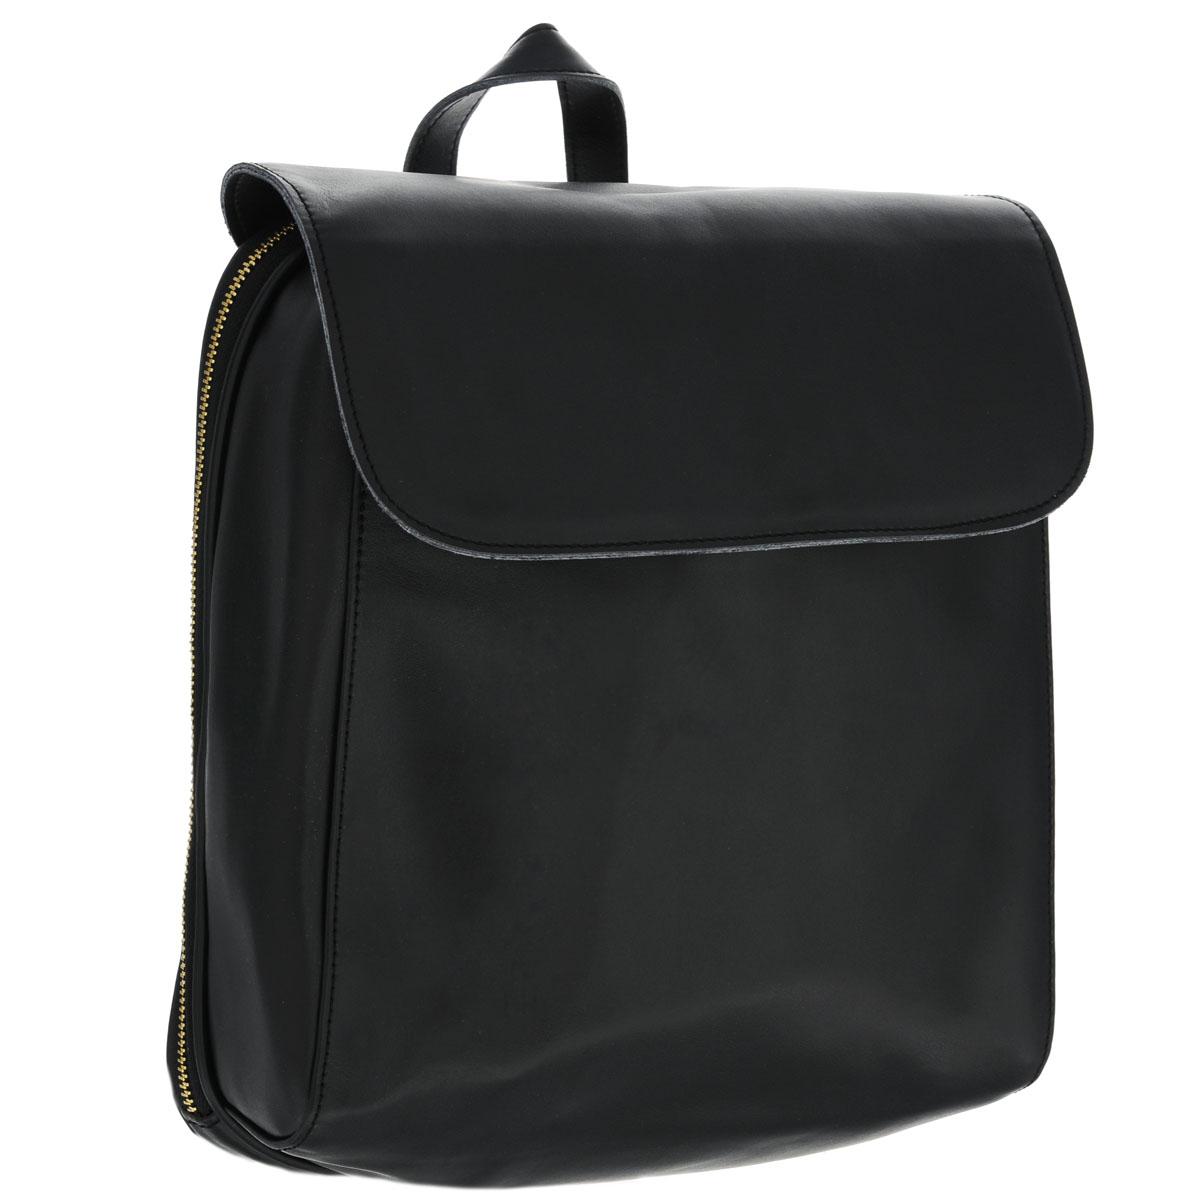 Рюкзак женский Fancys Bag, цвет: черный. 9531-04499300нТрендовый женский рюкзак-сумка Fancys Bag изготовлен из натуральной кожи и исполнен в лаконичном стиле. Изделие закрывается клапаном на магнитную кнопку и дополнительно на застежку-молнию. Вместительное внутреннее отделение, разделенное средником на молнии, содержит два накладных кармашка для мелочей, мобильного телефона и врезной карман на застежке-молнии. Обратная сторона дополнена врезным карманом на магнитной кнопке. Сумка оснащена ручкой-переноской и плечевыми лямками регулируемой длины. В комплект с рюкзаком входит стильный фирменный чехол.Модный рюкзак-сумка не только покорит своим удобством, но и позволит вам взять с собой в поездку все необходимые вещи.Характеристики:Длина плечевого ремня: 66,5 см.Высота ручки-переноски: 9 см.